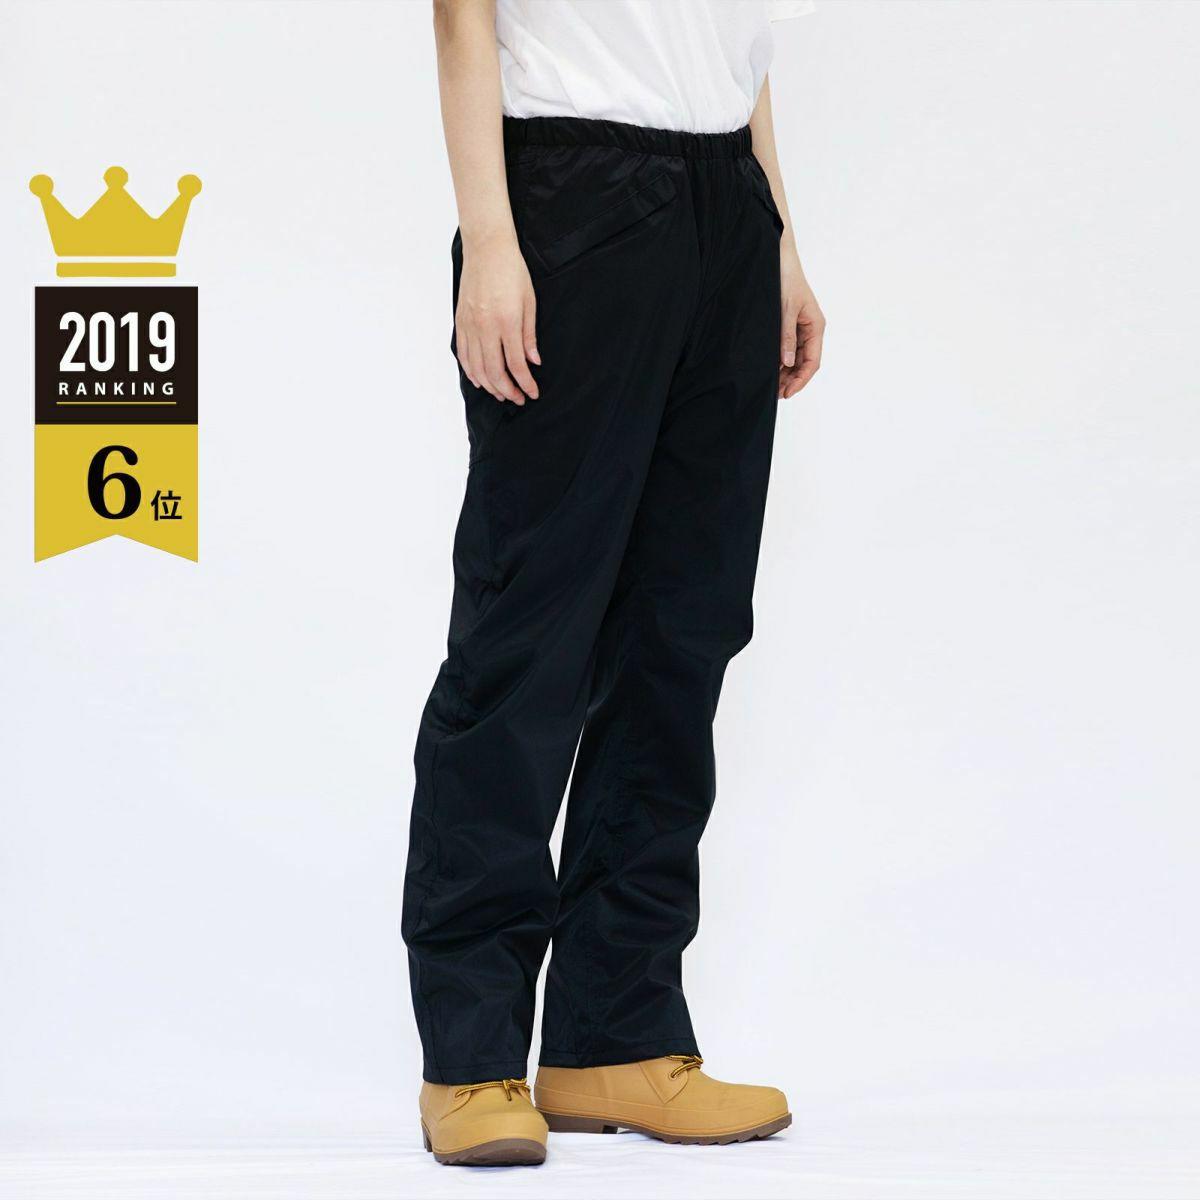 [女性モデルのサイズ]身長:168cm 着用サイズ:M +(長靴)6437 ピラルク レインブーツ